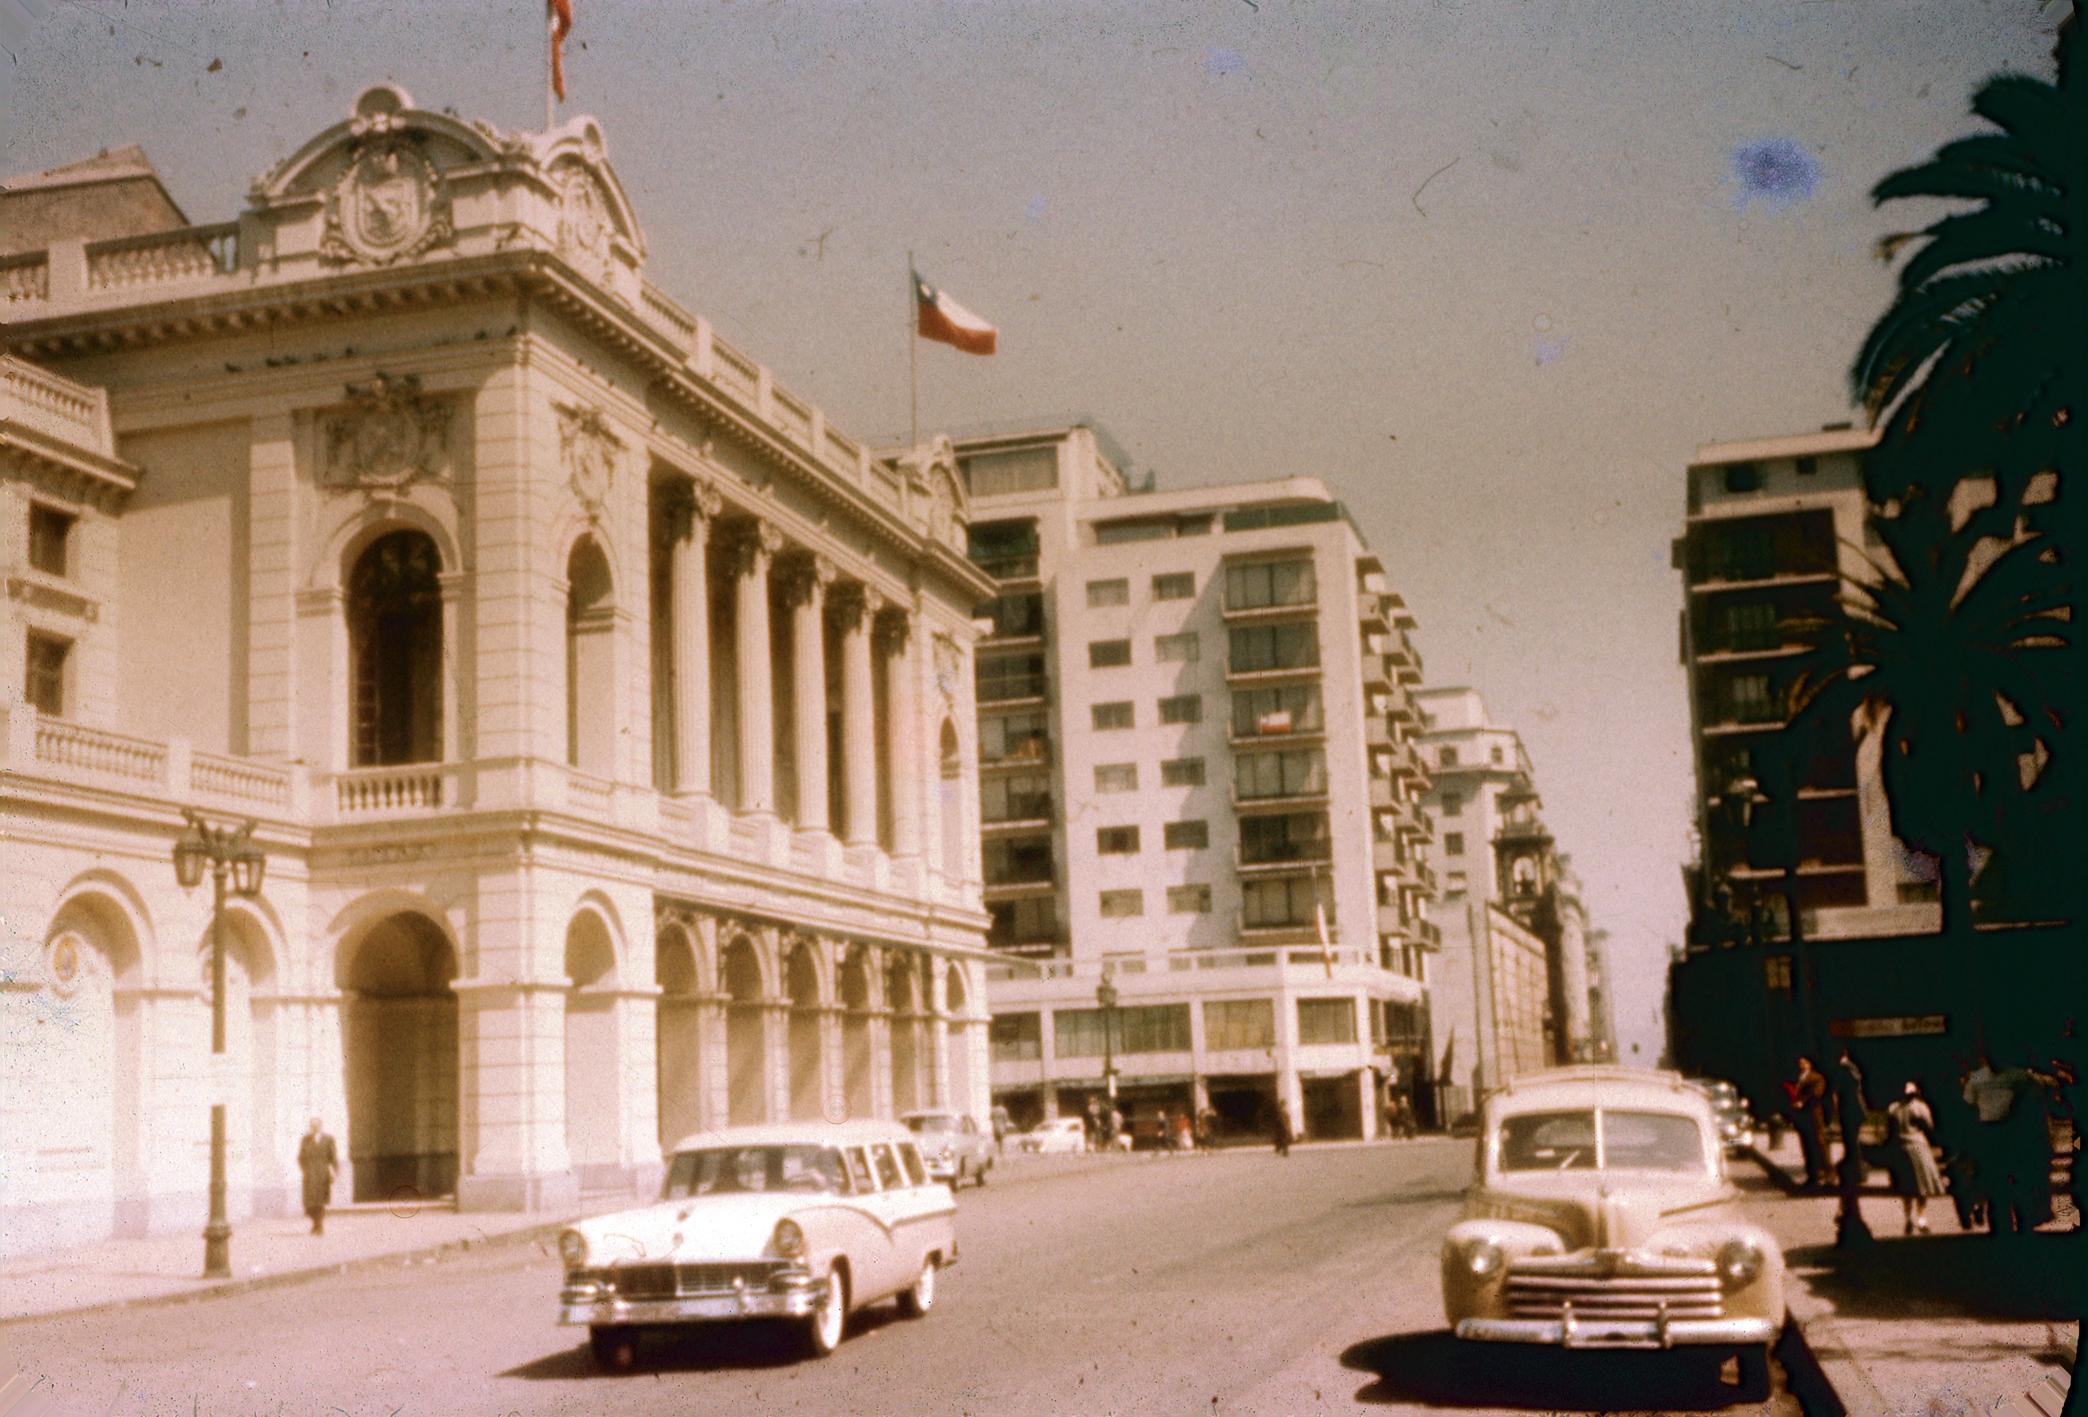 Enterreno - Fotos históricas de chile - fotos antiguas de Chile - Calle Agustinas, Teatro Municipal en los años 60´s